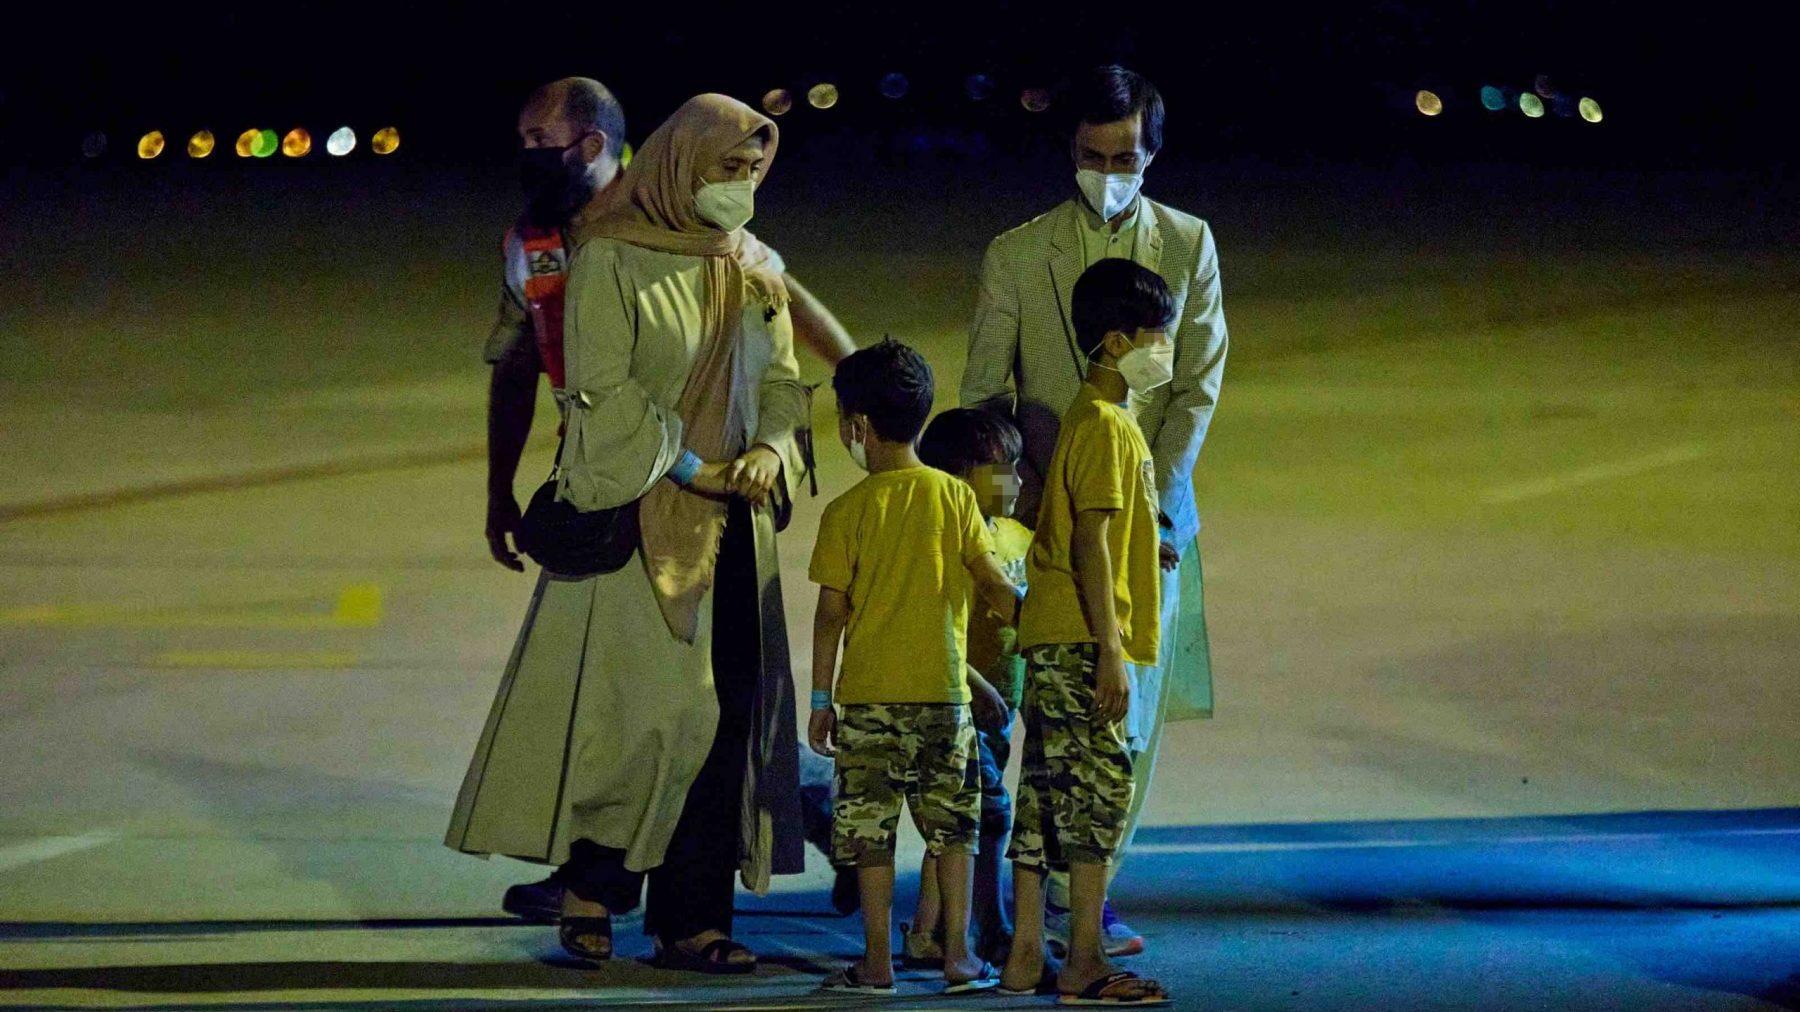 Llega a Torrejón (Madrid) el séptimo avión con repatriados procedentes de Afganistán.